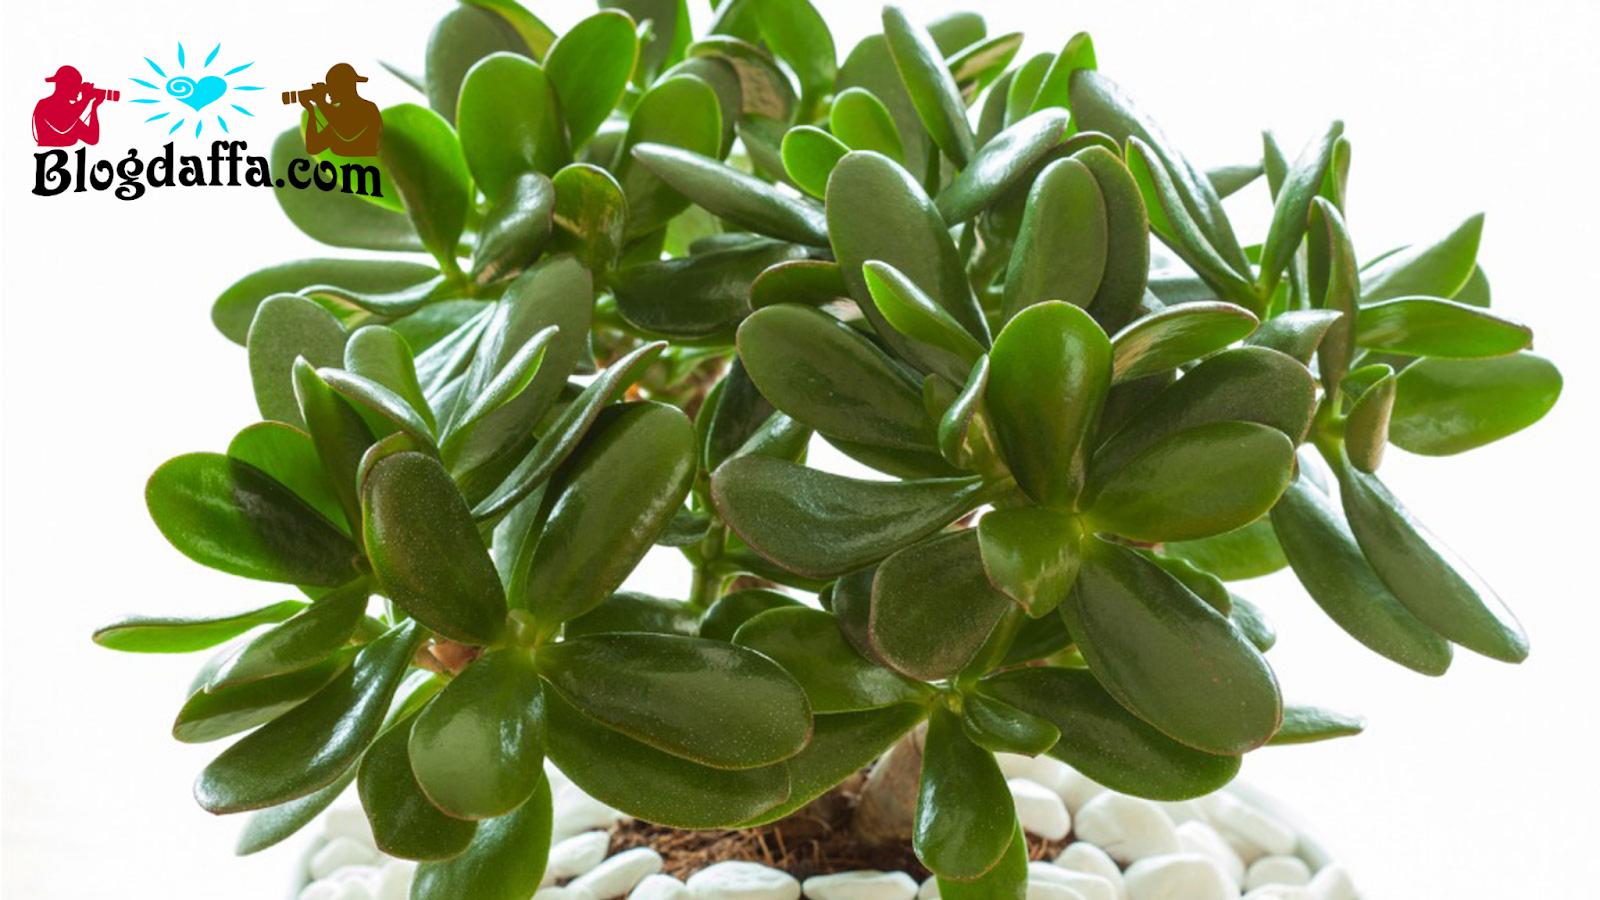 Cara Merawat Jade Plant atau Pohon Uang